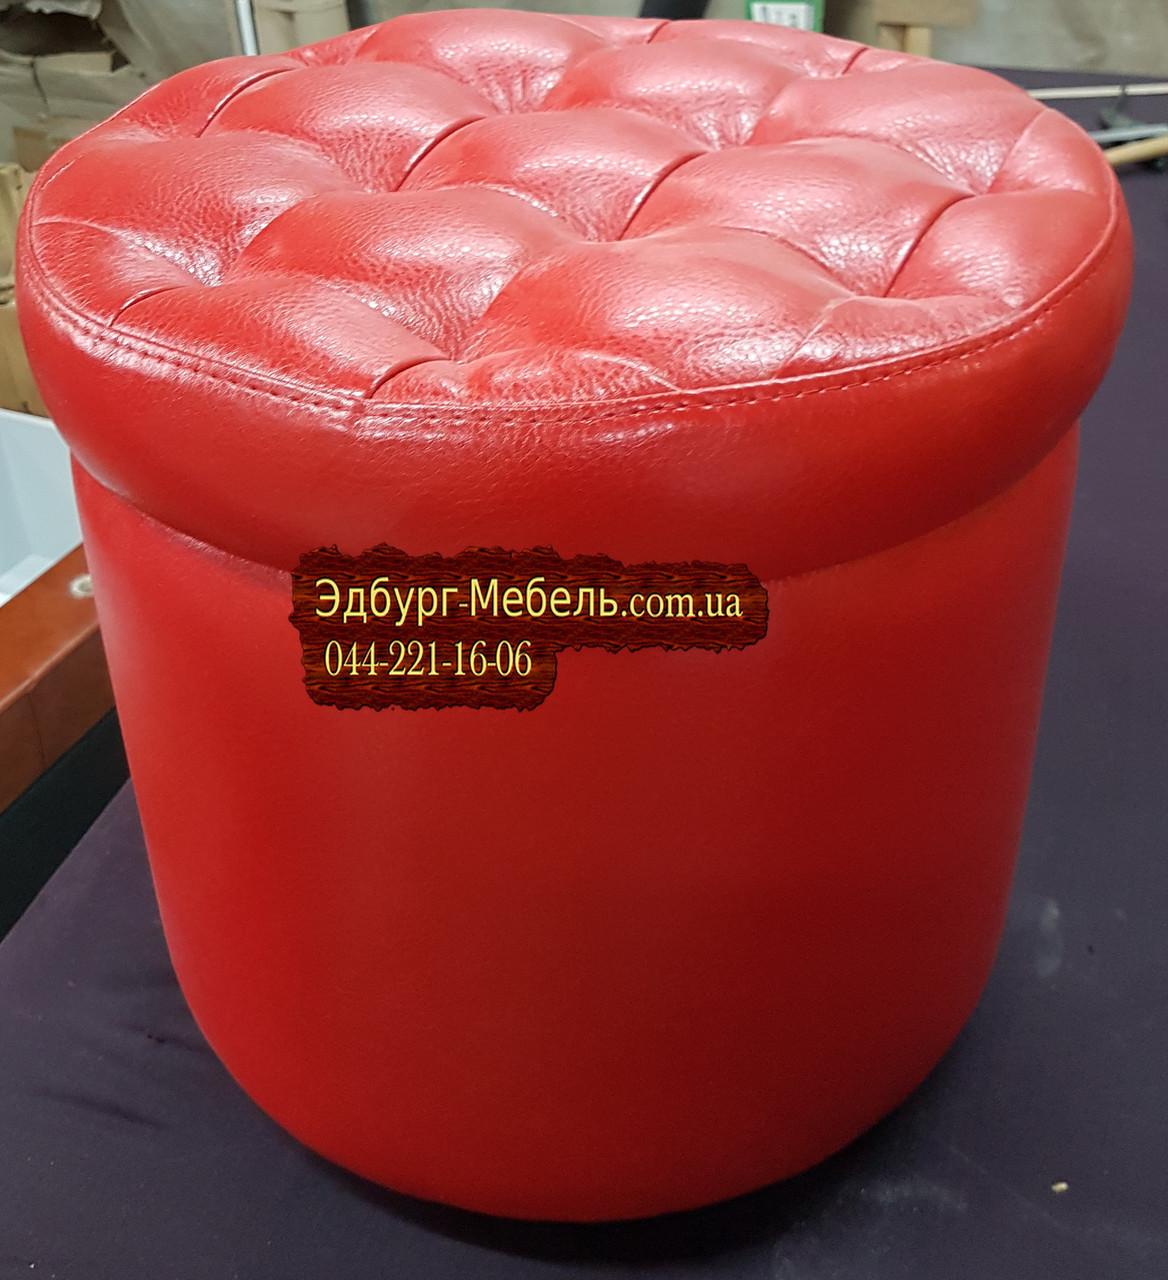 Круглый пуф красного цвета